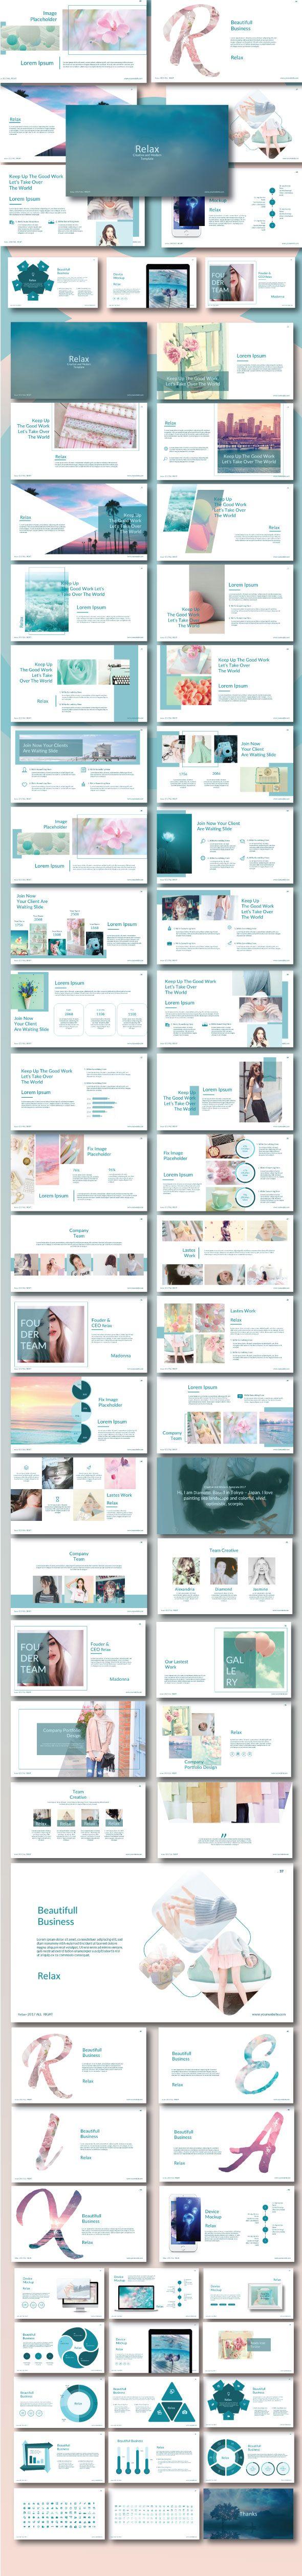 Relax - Creative Modern Template | Portafolio, Revistas y Ilustraciones